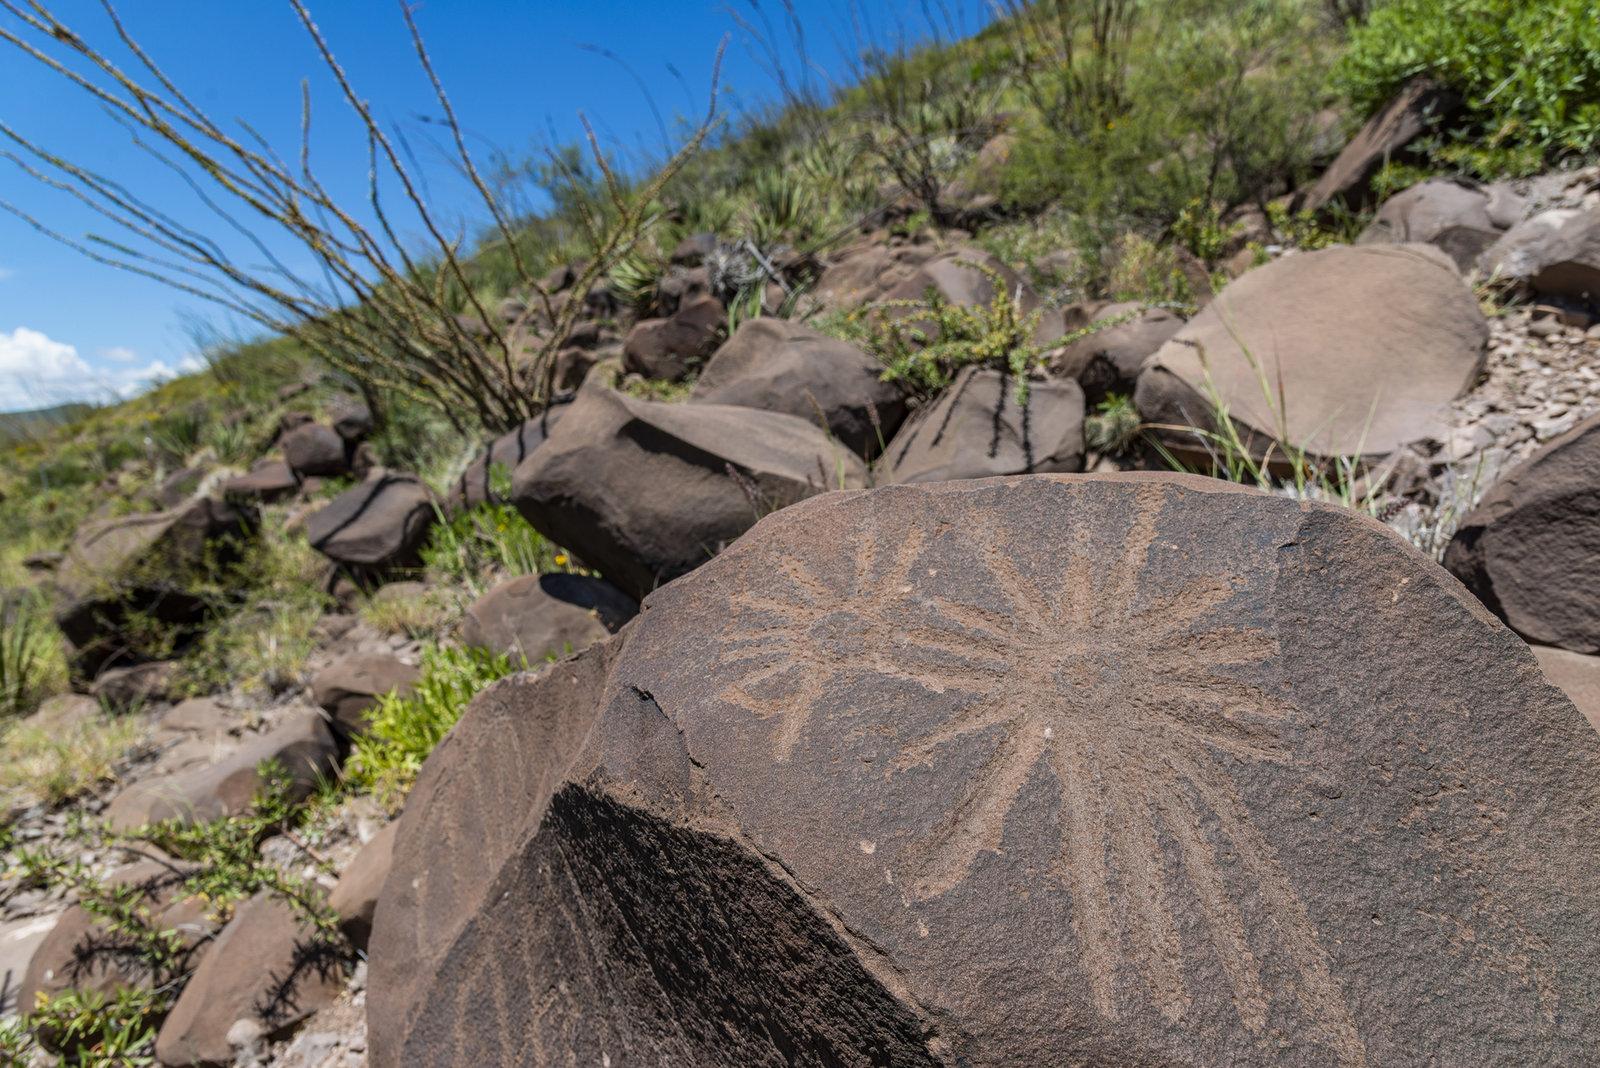 Narigua: petroglifos en el olvido y son parte de Coahuila